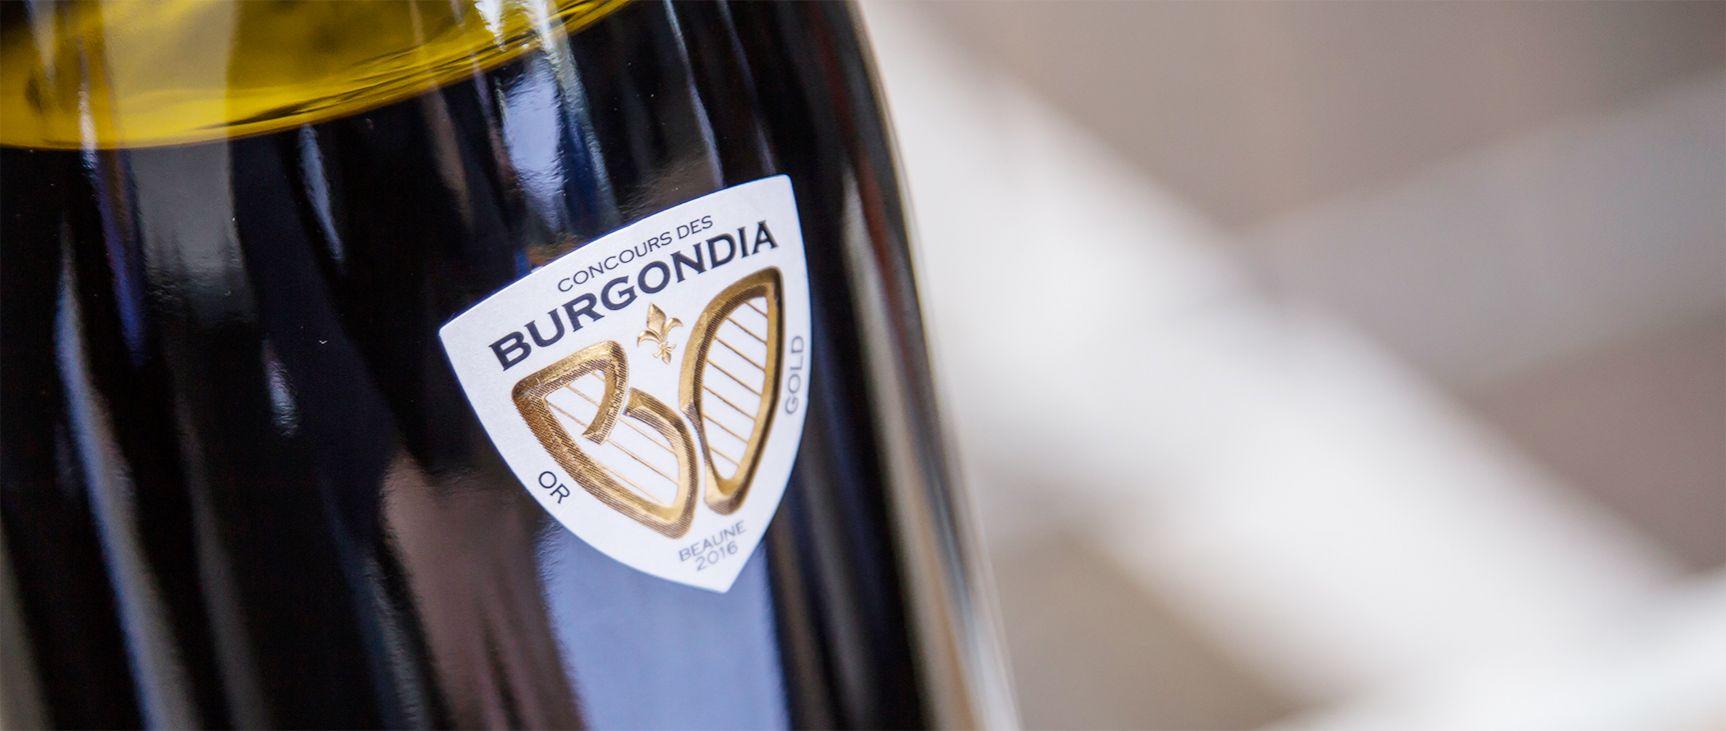 Burgondia Logo identité visuelle simulation